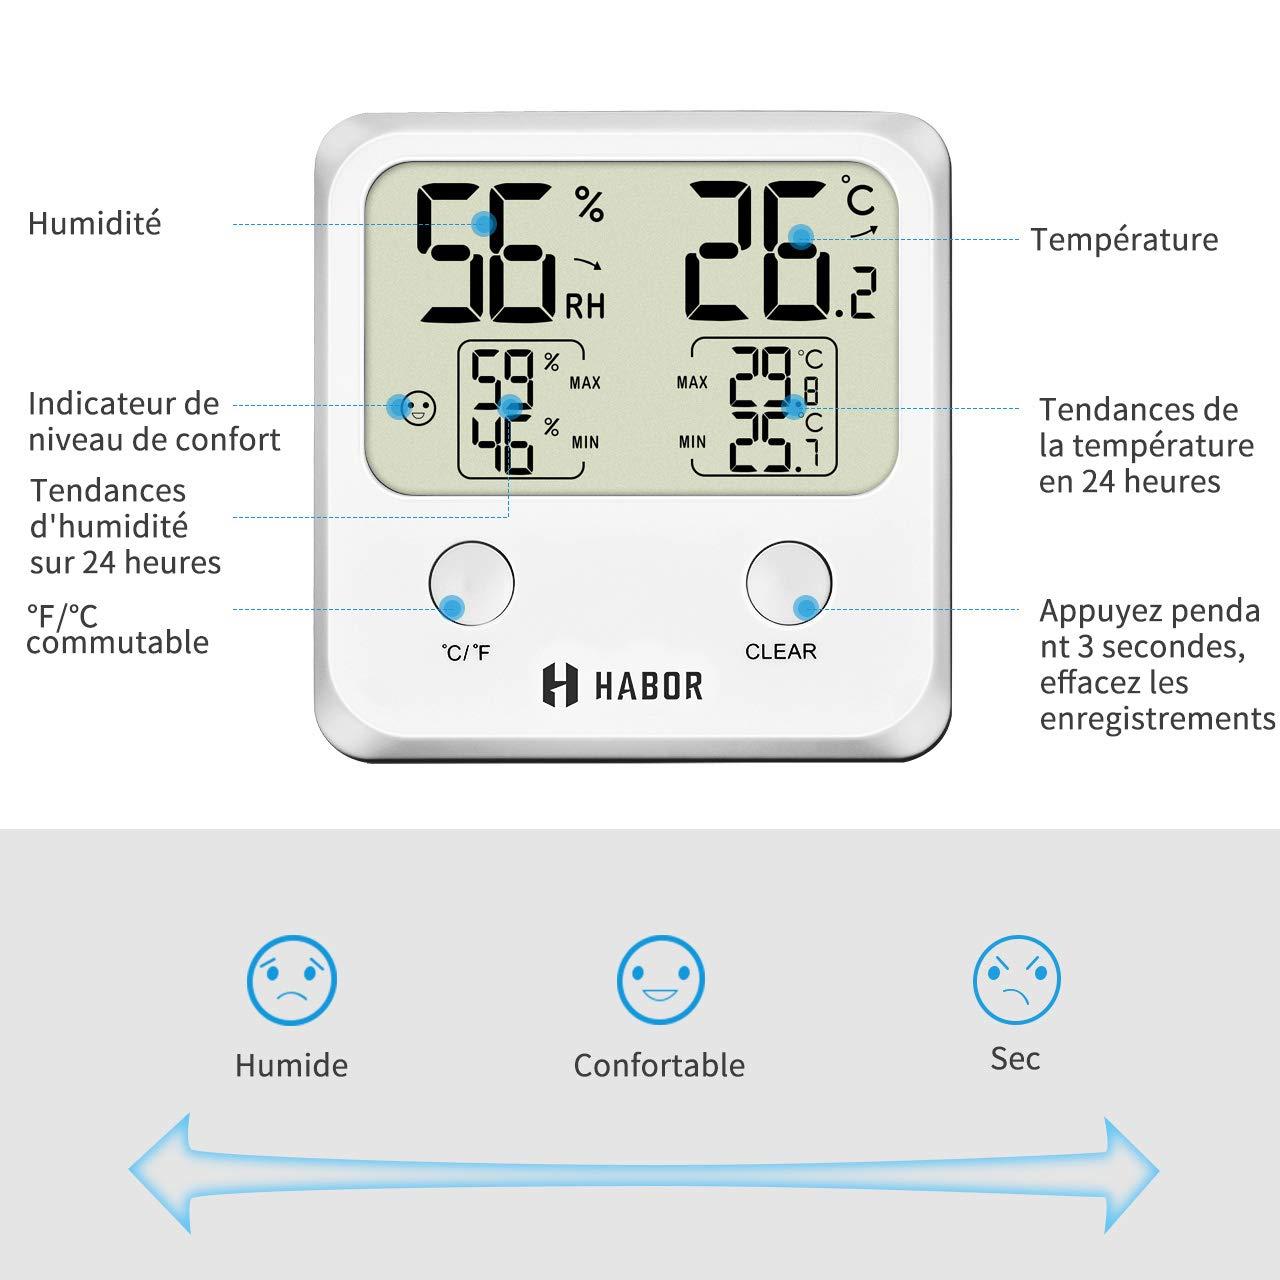 Jauge de Thermometre sans Fil de Haute Precision Habor 【Garantie de 18 Mois】 Thermom/ètre Hygrom/ètre Num/érique Hygrometre Numerique dinterieur